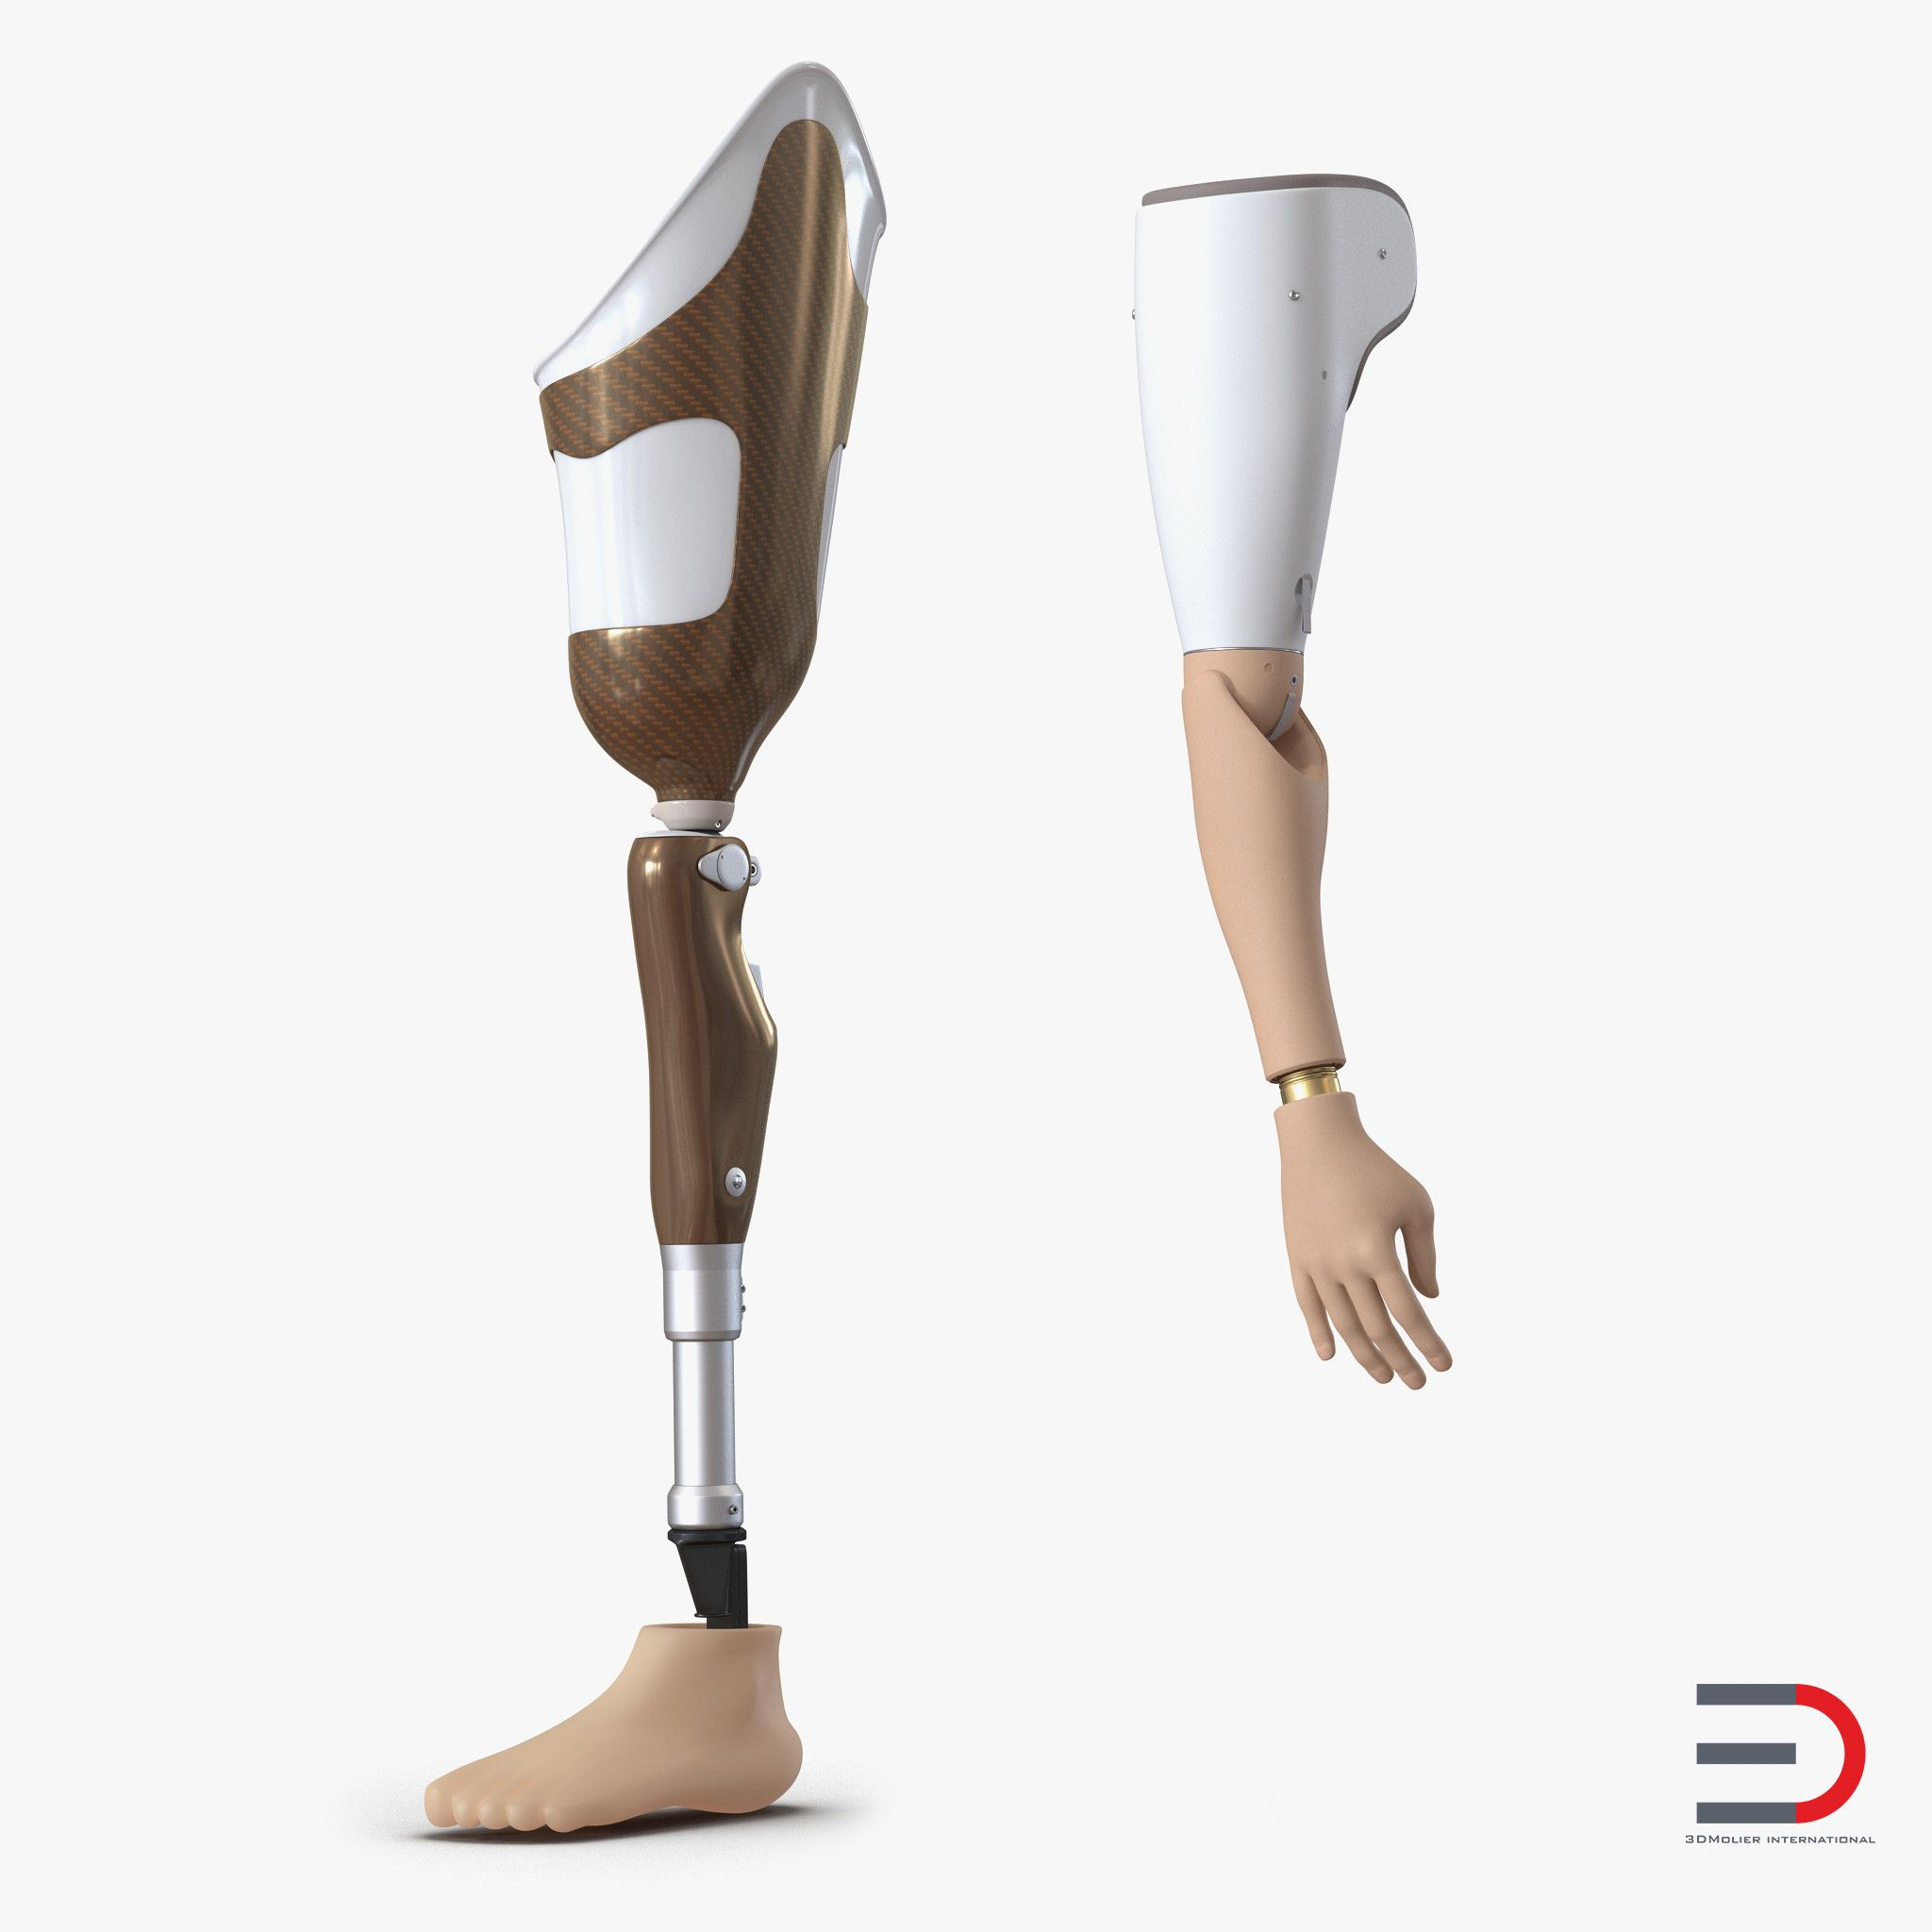 D Prosthetic Leg Arm D Model DModeling Pinterest - Designer creates see through 3d printed prosthetics made from titanium